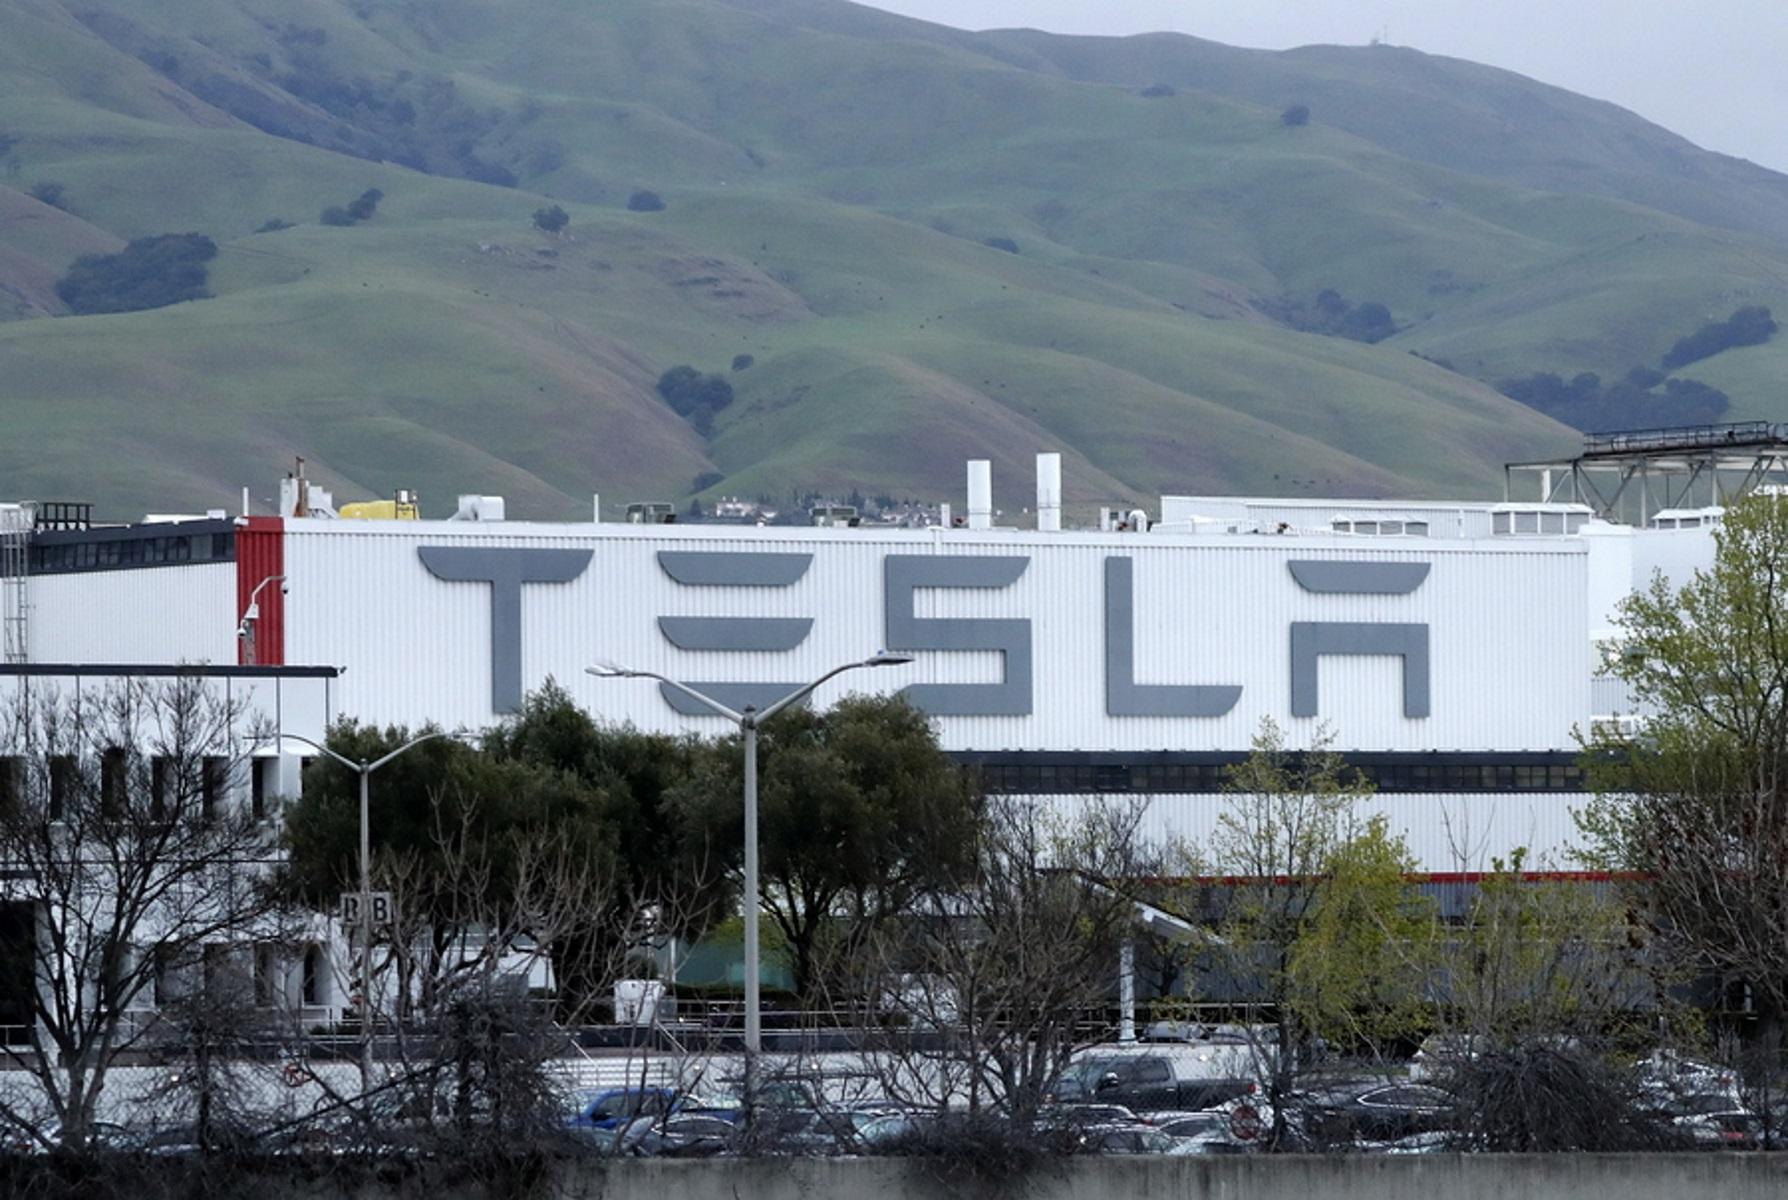 Μετακομίζει στο Τέξας η εταιρία Tesla – Τι είπε ο Ελον Μάσκ